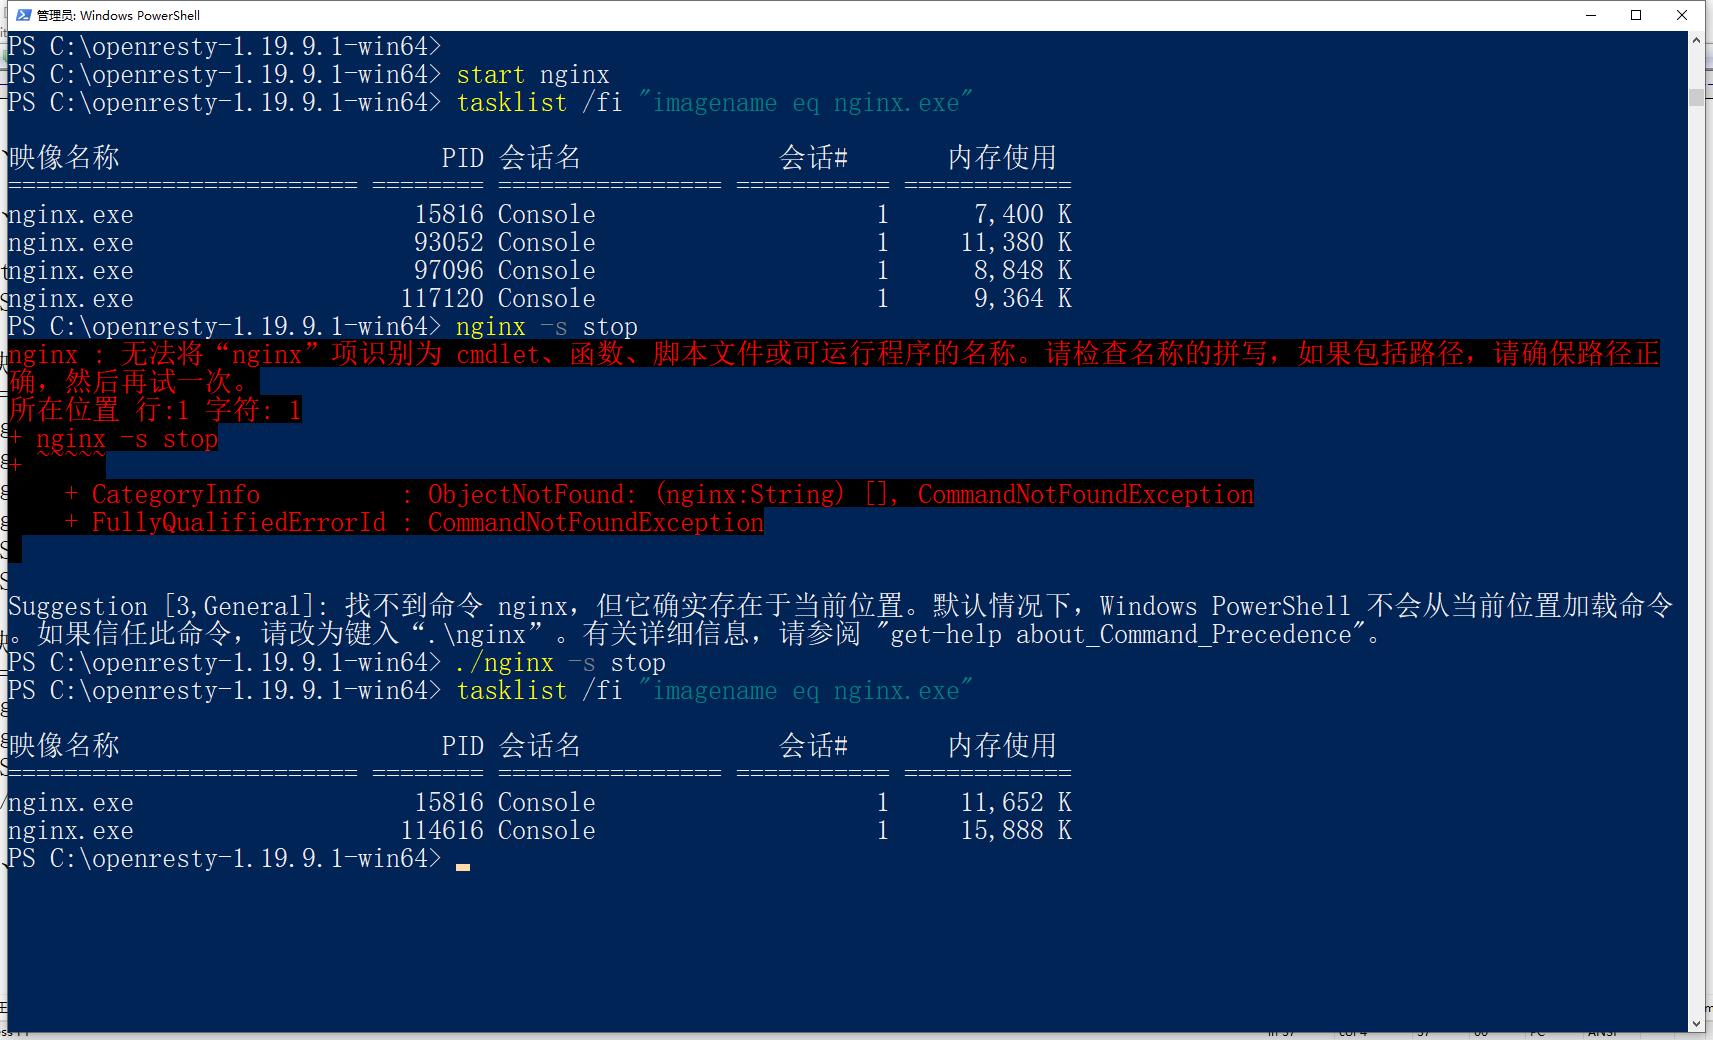 然后可以使用 tasklist 命令查看后台运行的 nginx 进程。其中 2 个为原生的 Nginx 软件。